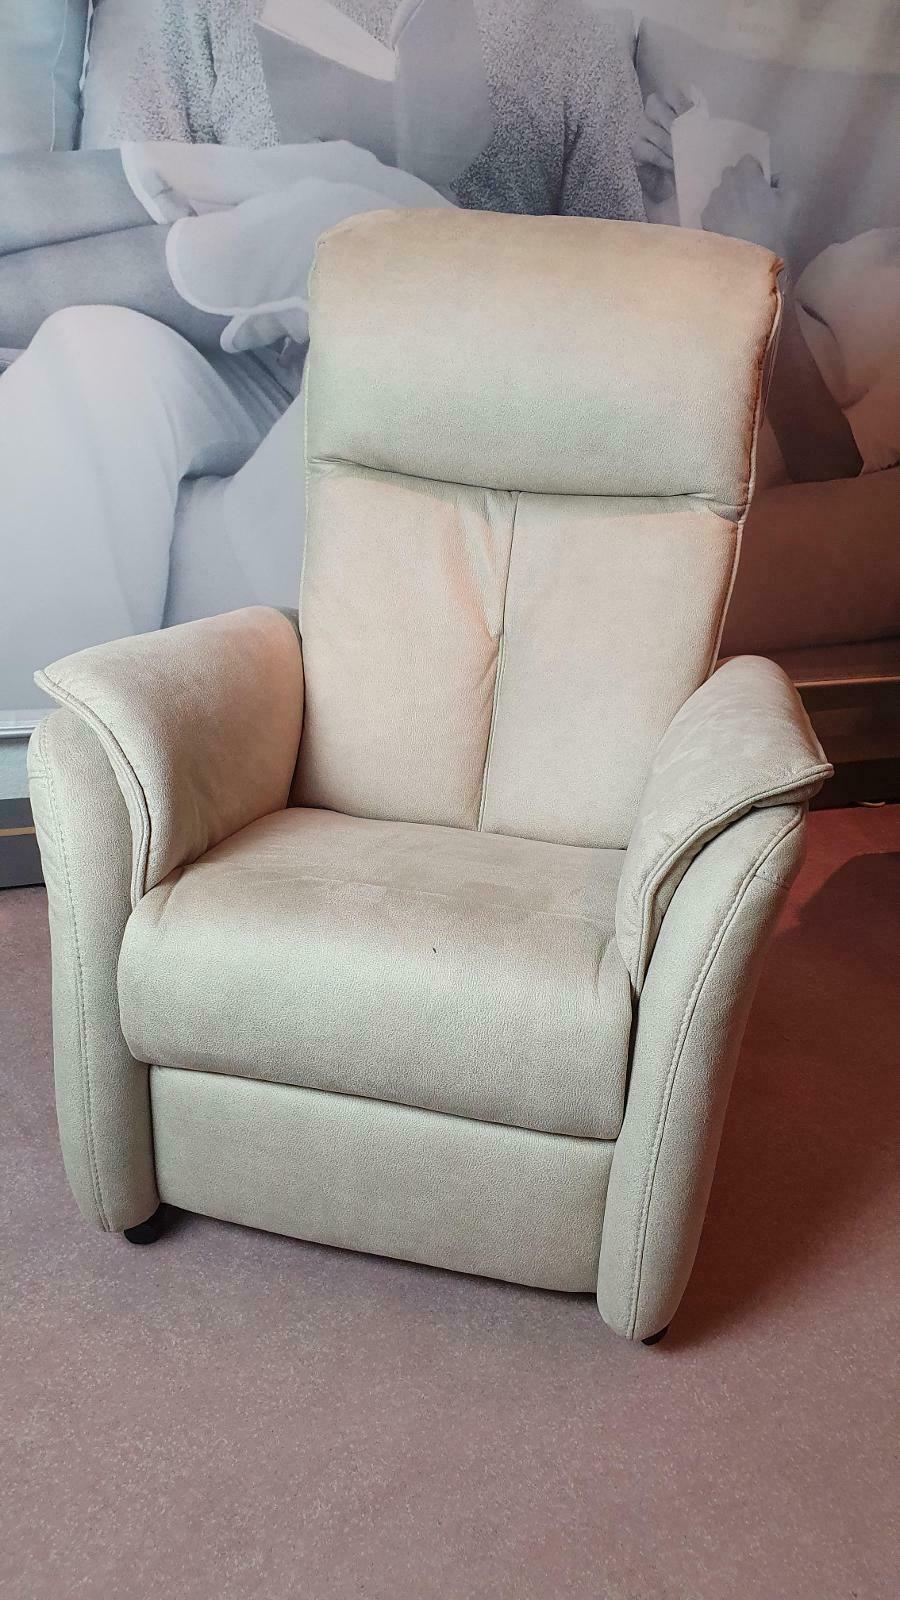 AP12 - TV Sessel mit motorischer Verstellung